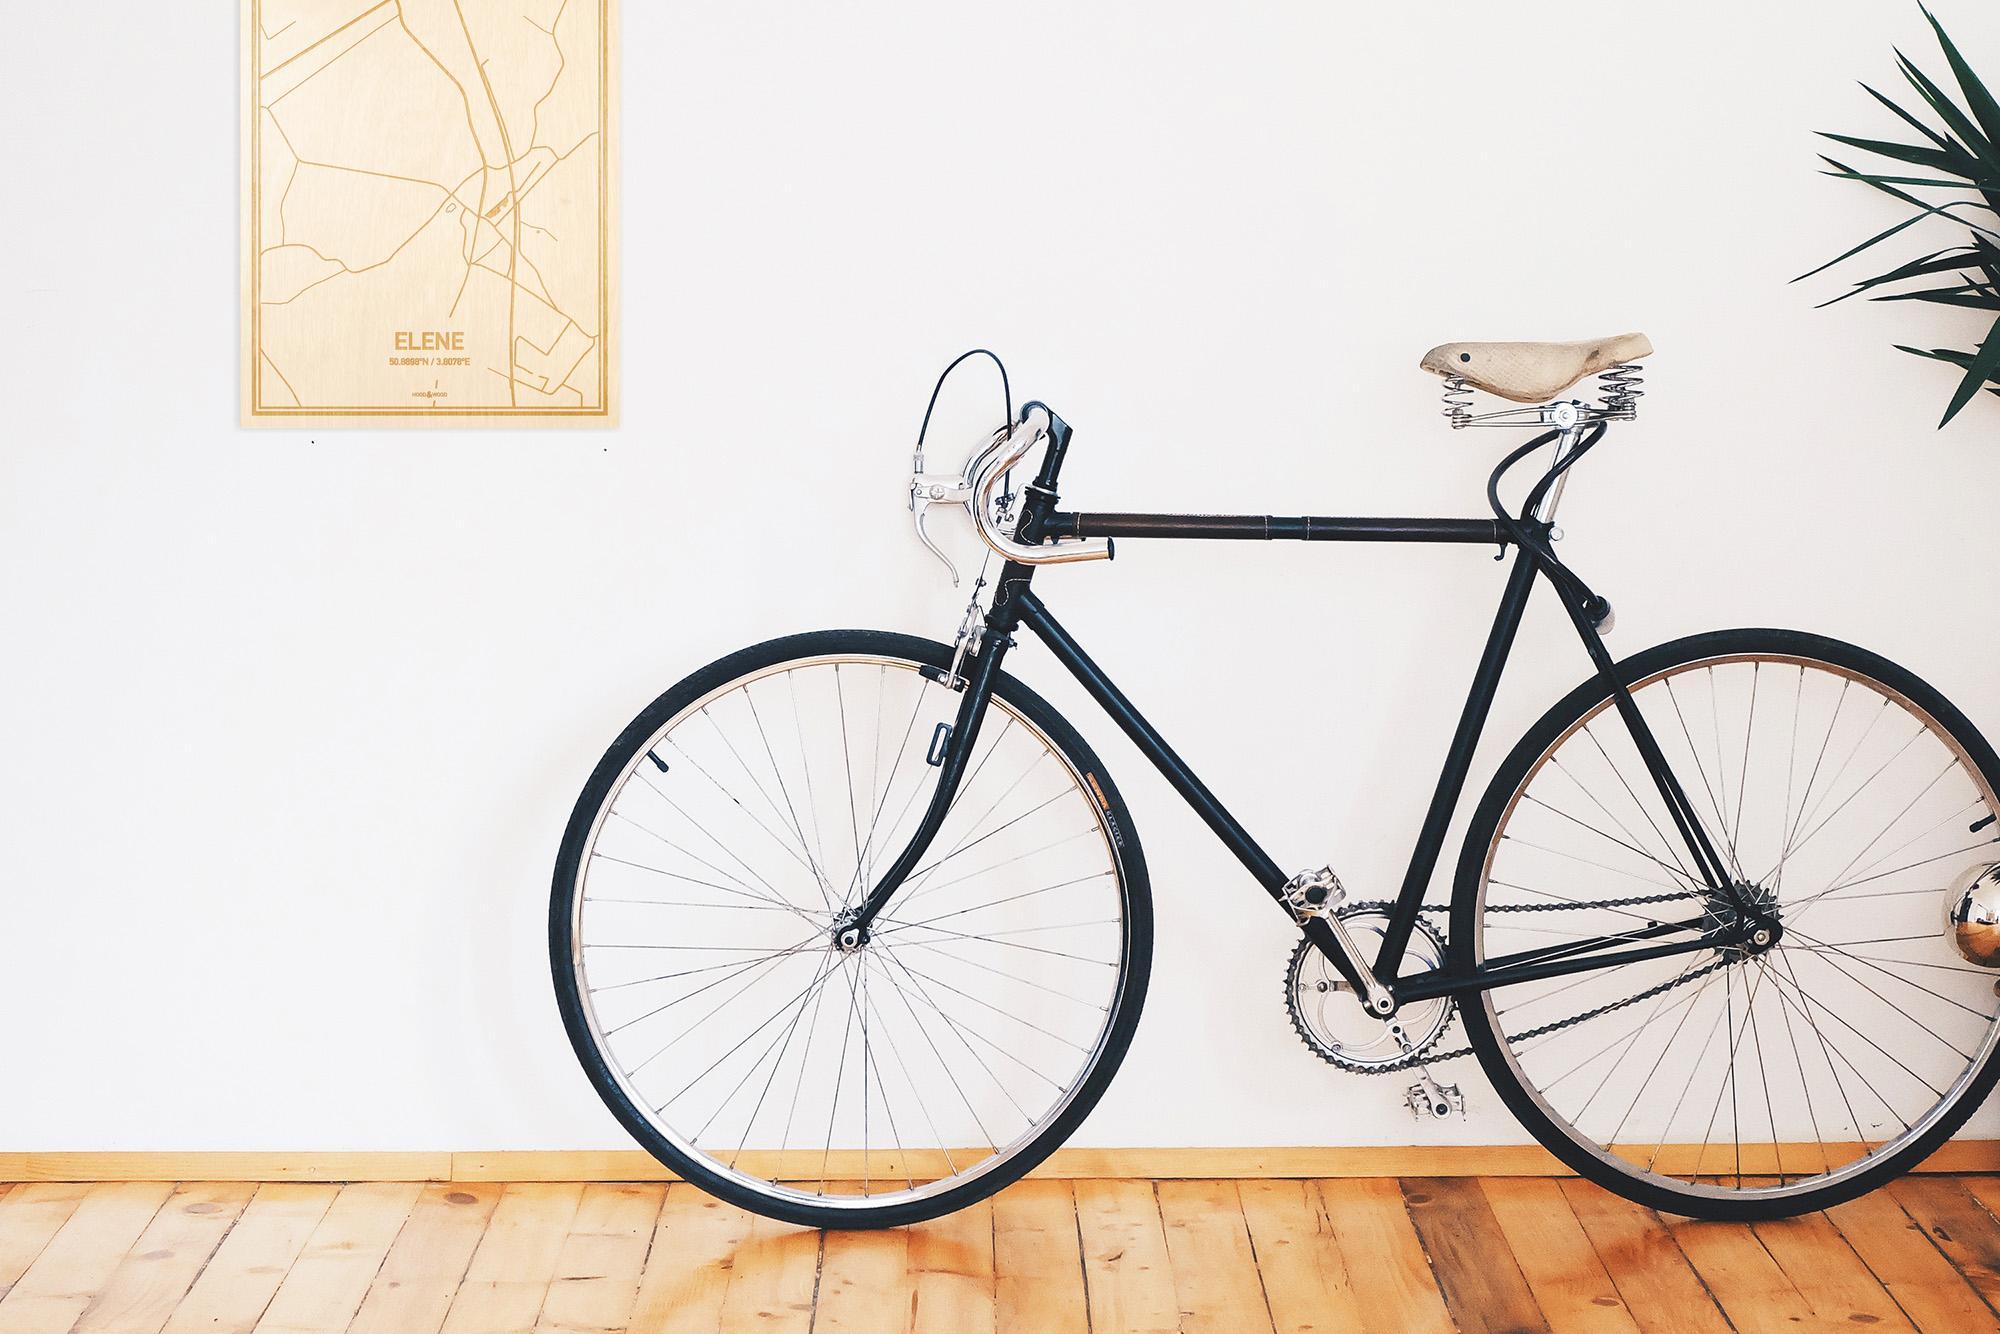 Een snelle fiets in een uniek interieur in Oost-Vlaanderen  met mooie decoratie zoals de plattegrond Elene.